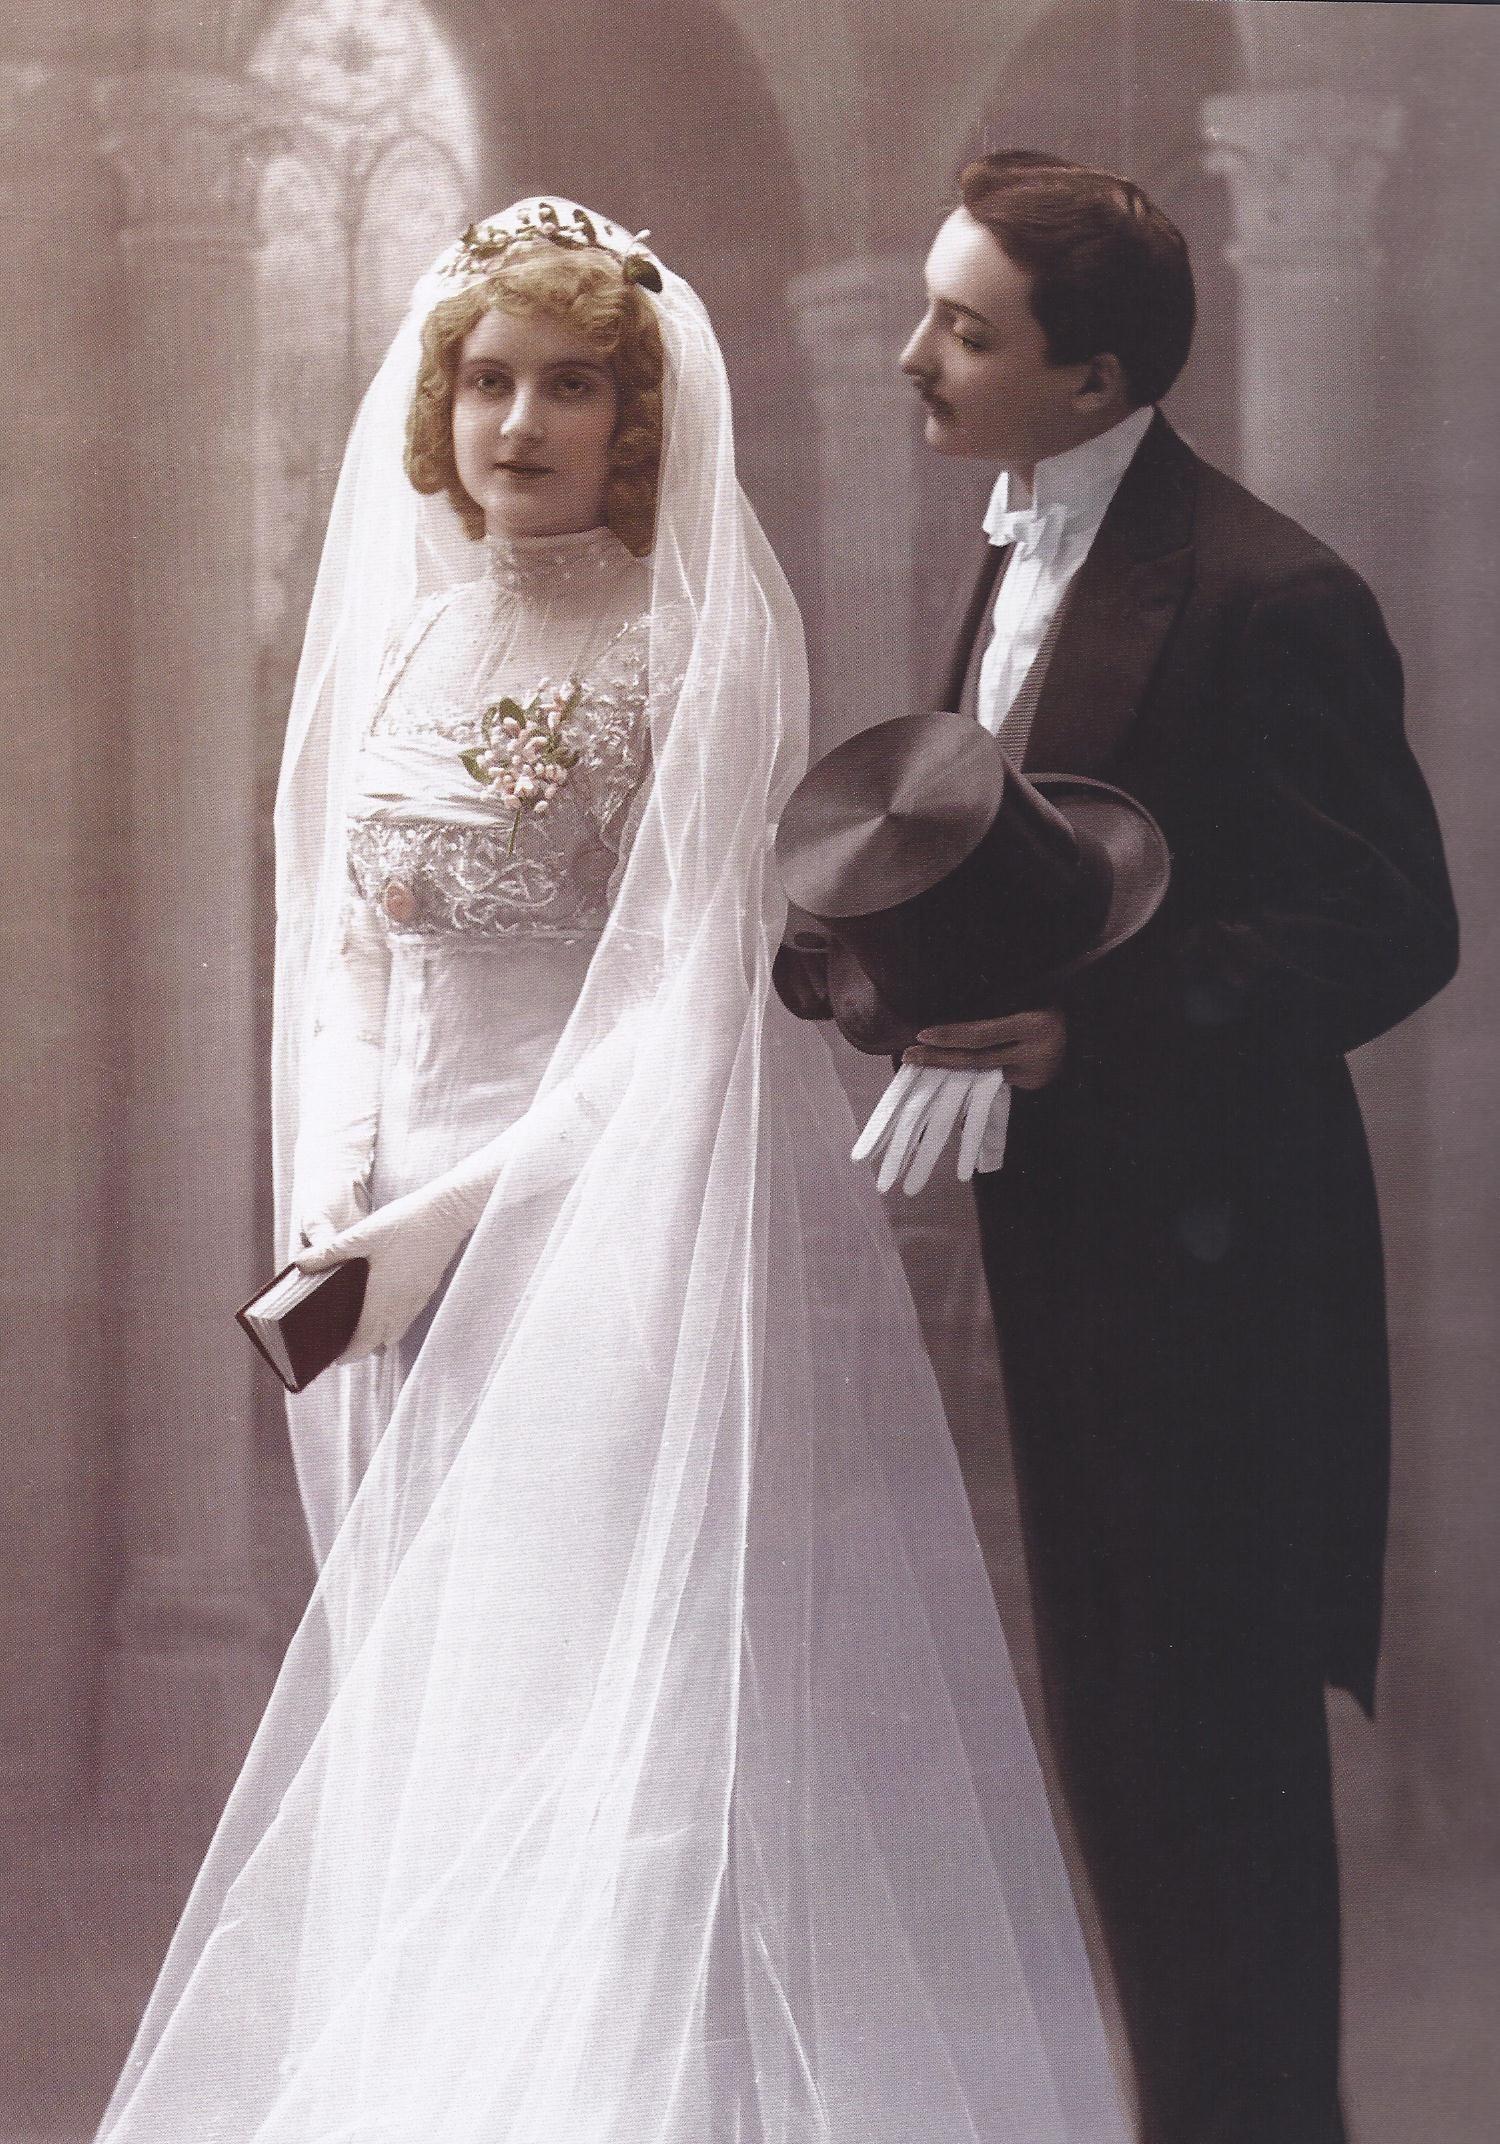 wedding portrait found in